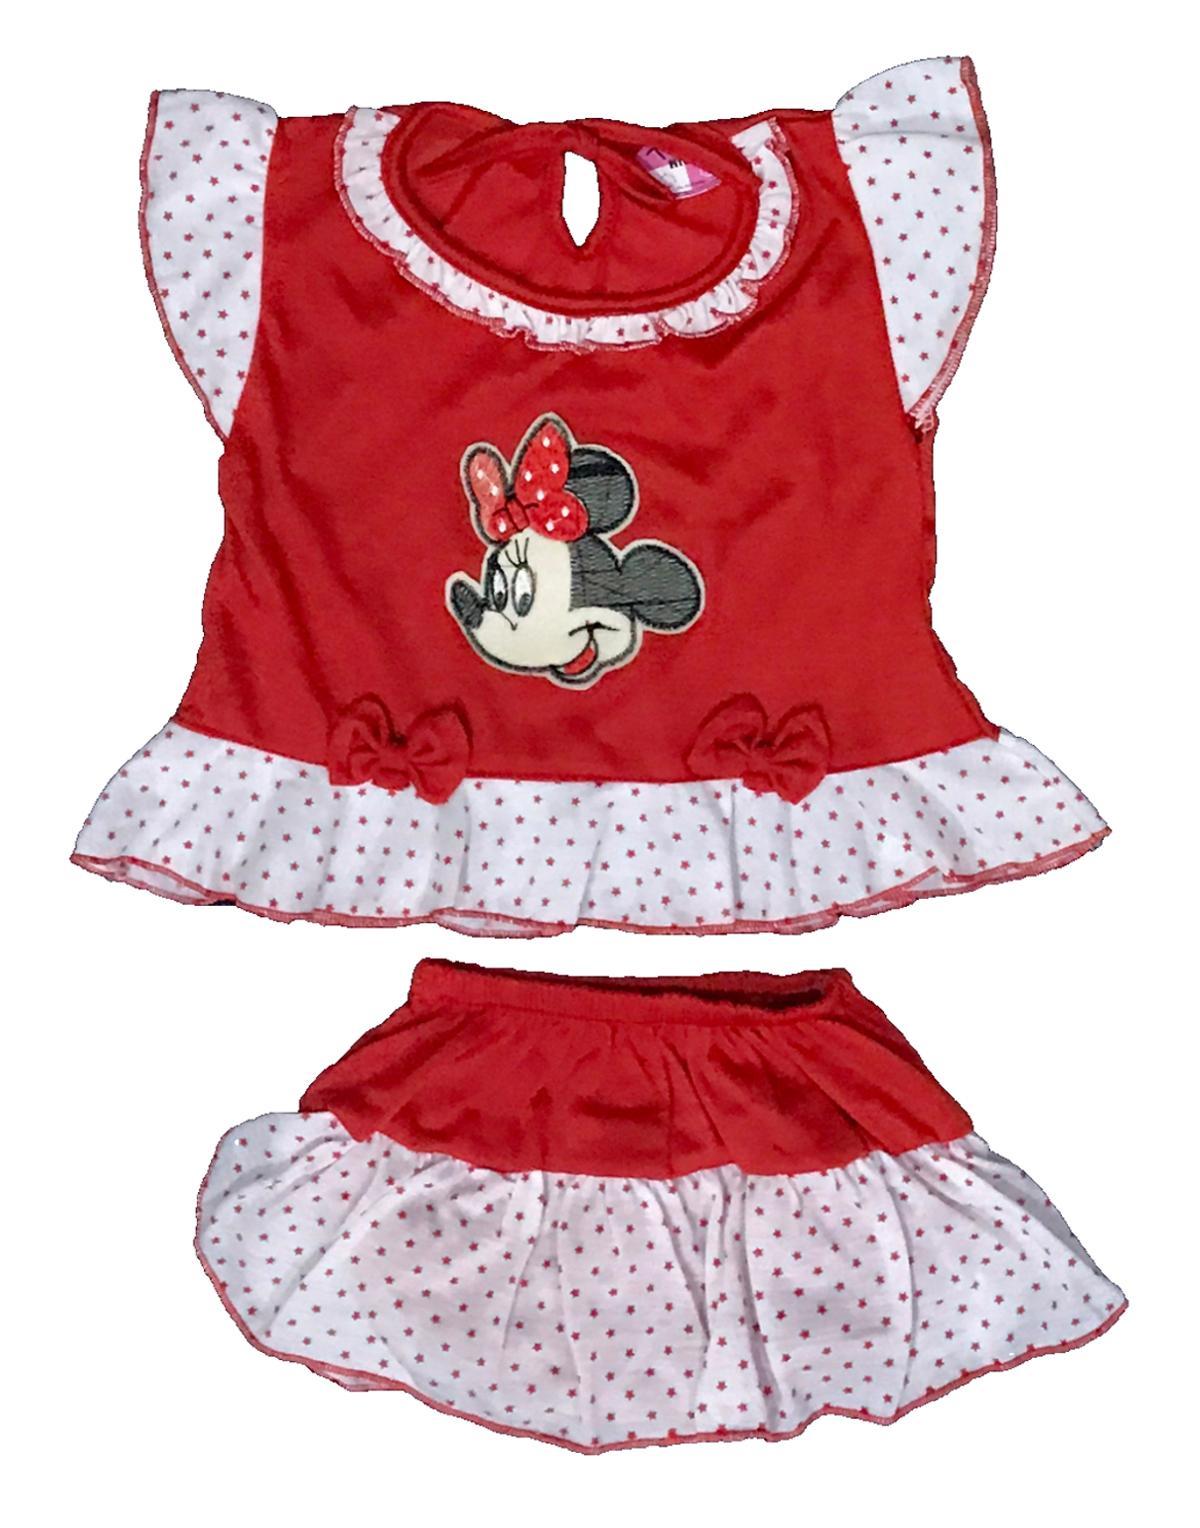 BAYIe - Setelan Baju bayi Perempuan + Celana Rok motif MICKEY usia 0-12 bulan